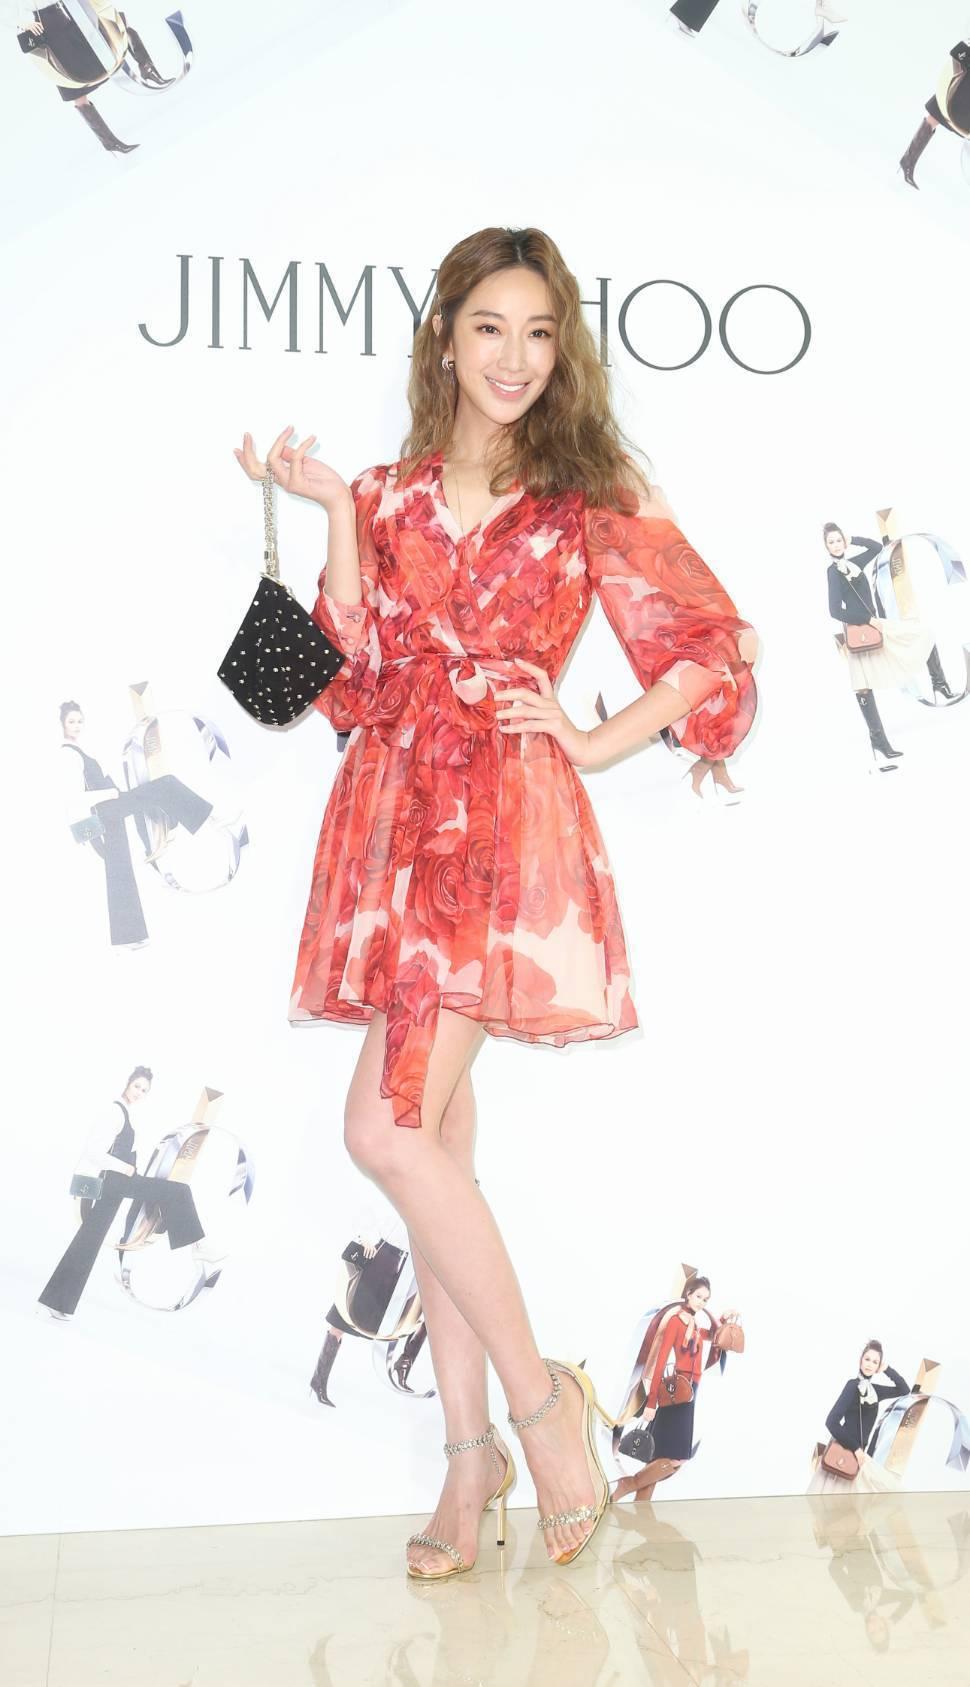 Jimmy Choo發表秋冬系列,請到隋棠示範最新鞋款。記者陳立凱/攝影